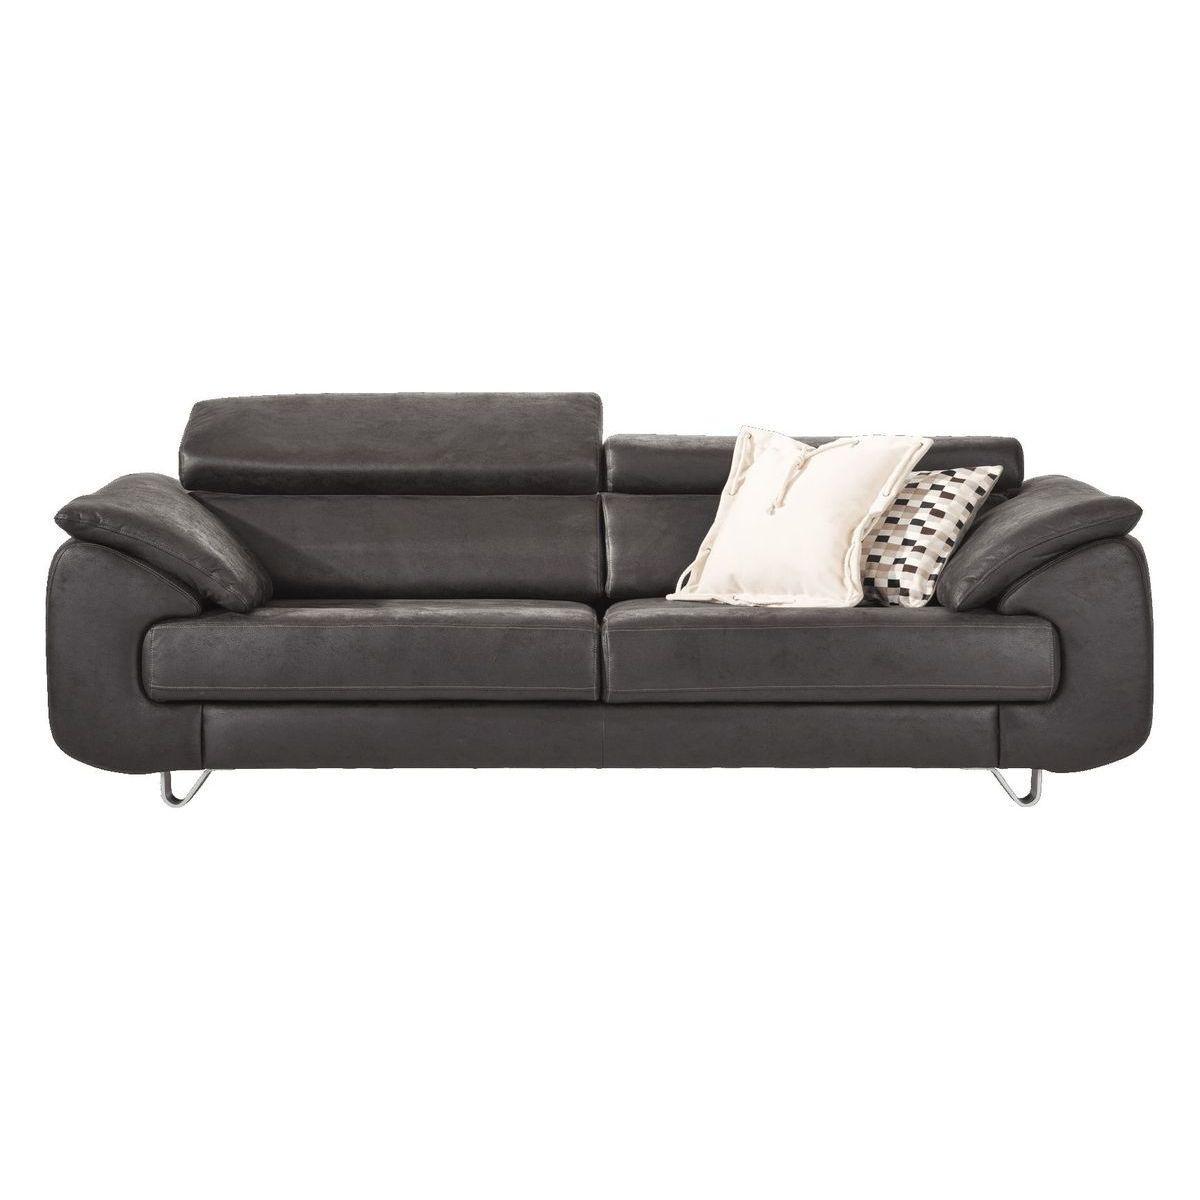 Canapé 3 places HAVANNA HetH assise coulissante pieds 9,5cm Anthracite LEOPARD